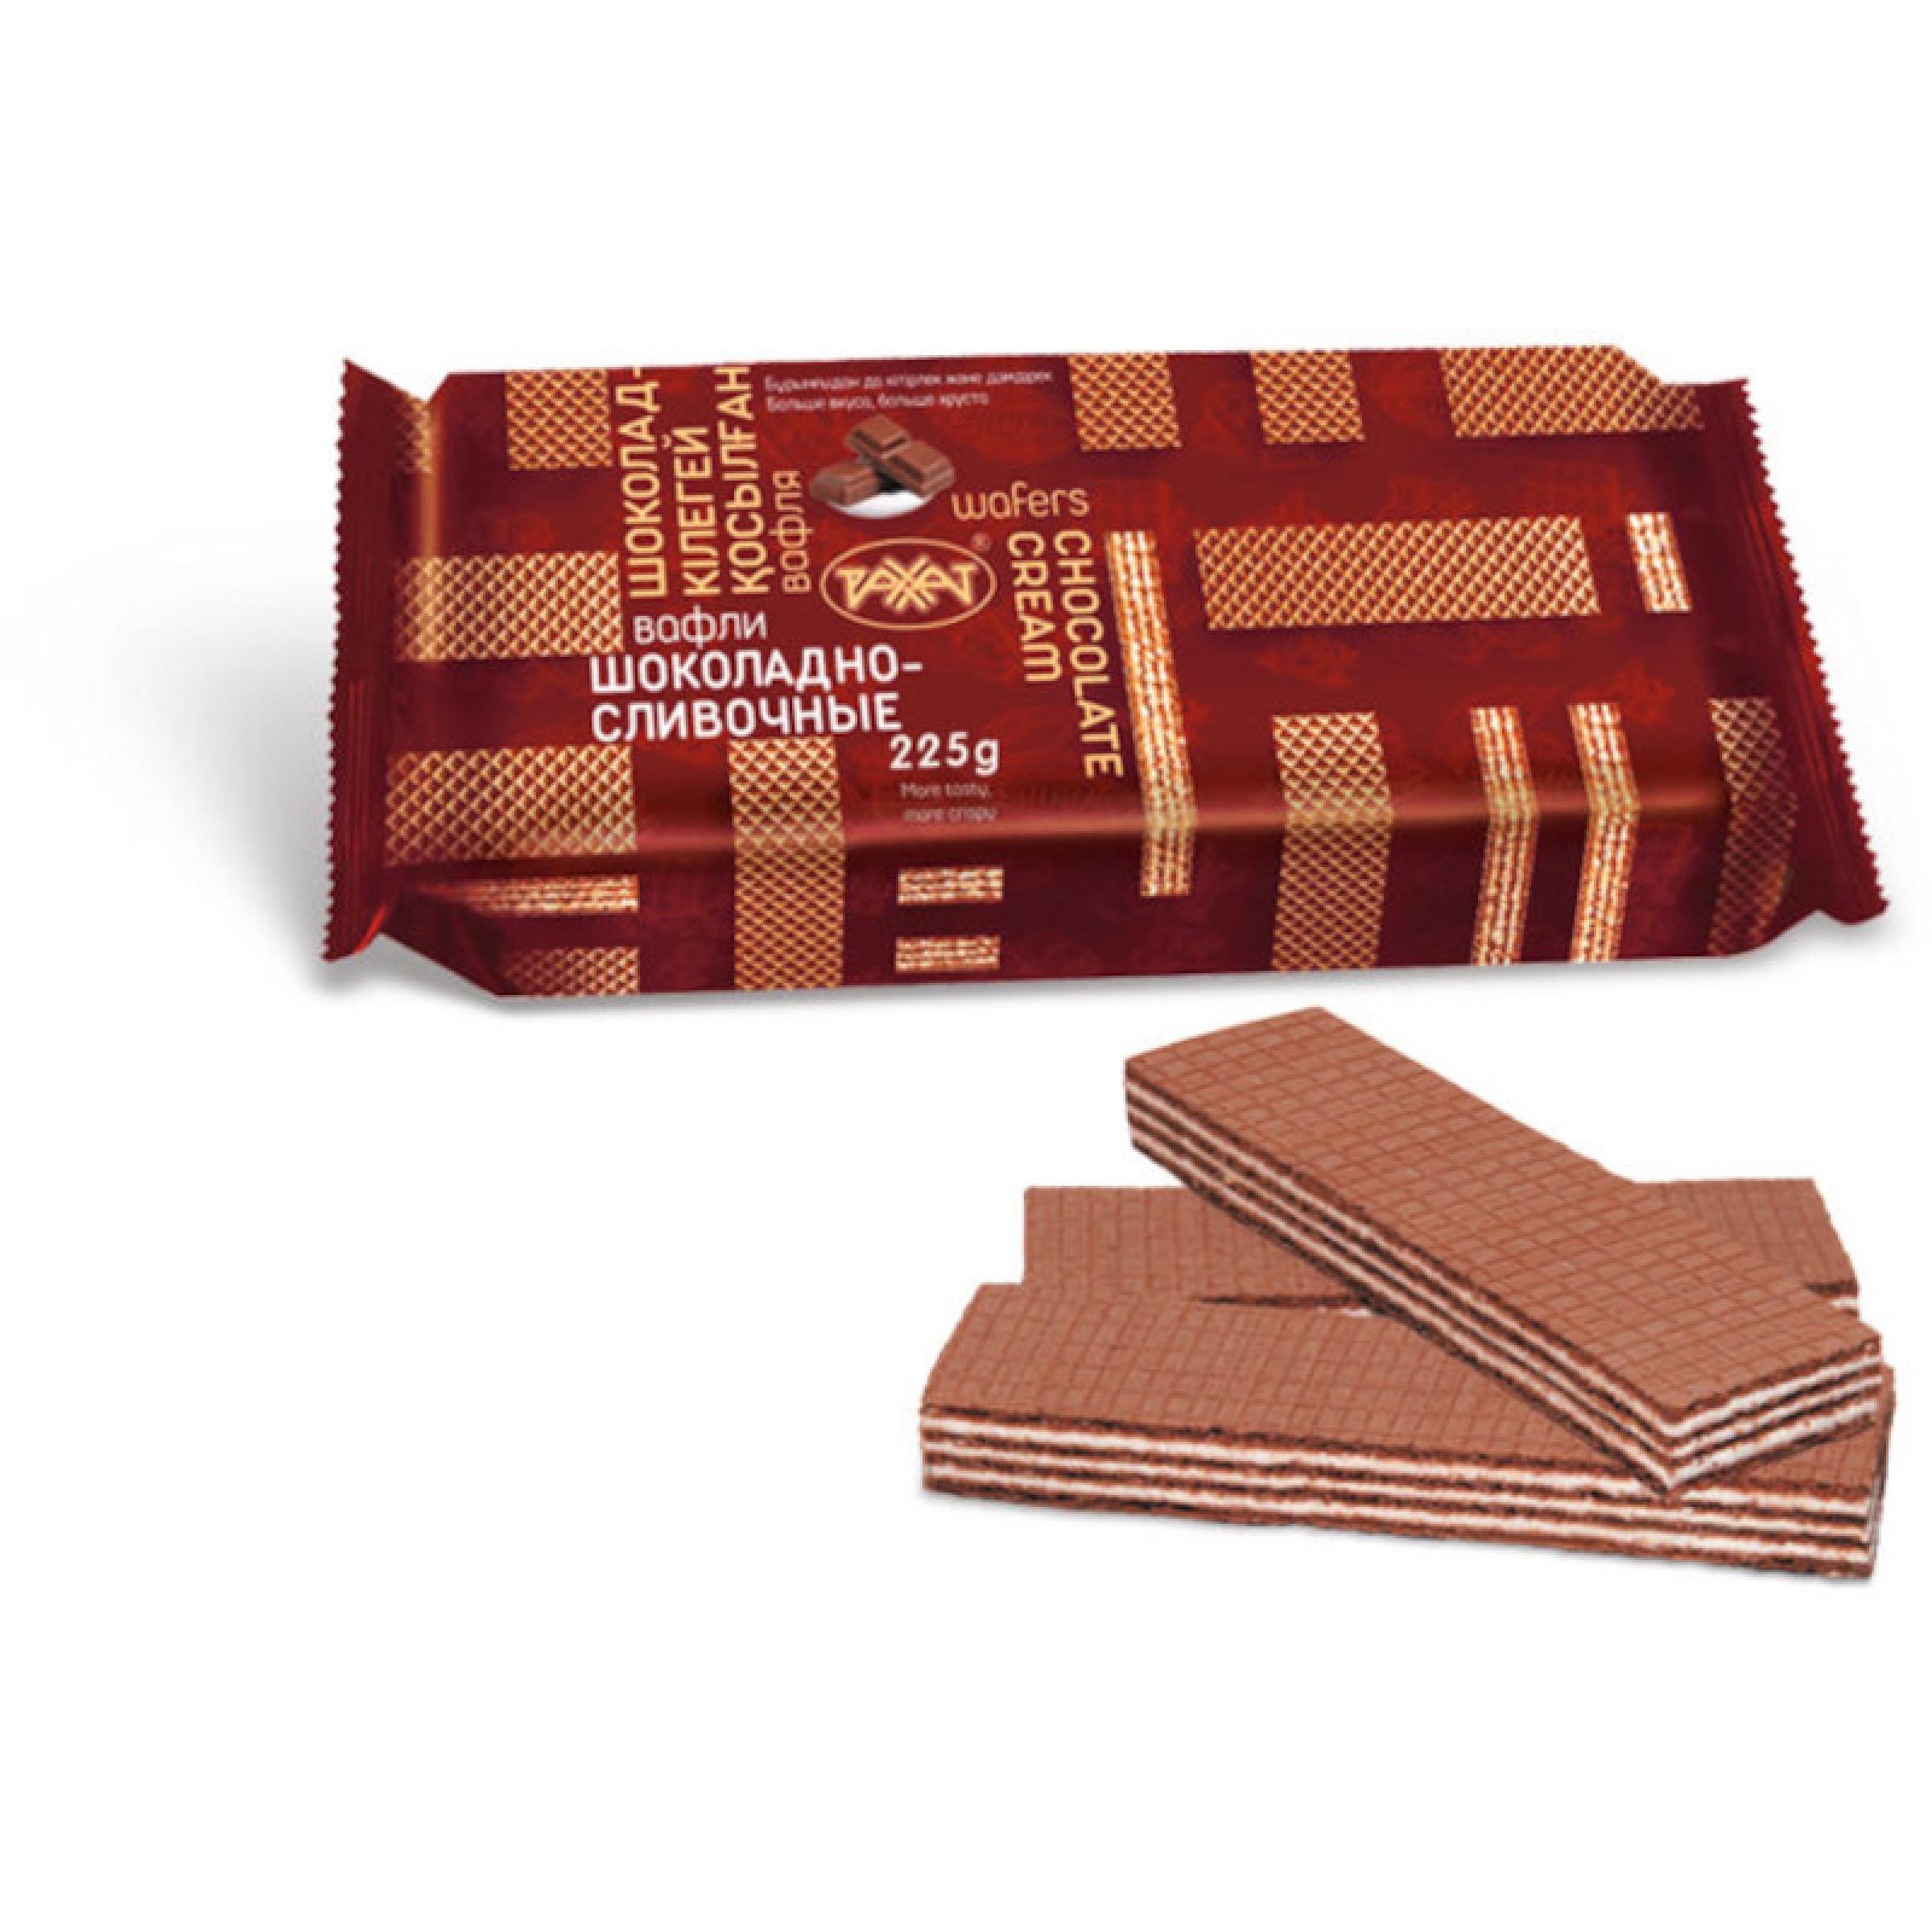 Вафли шоколадно-сливочные Рахат, 225 г